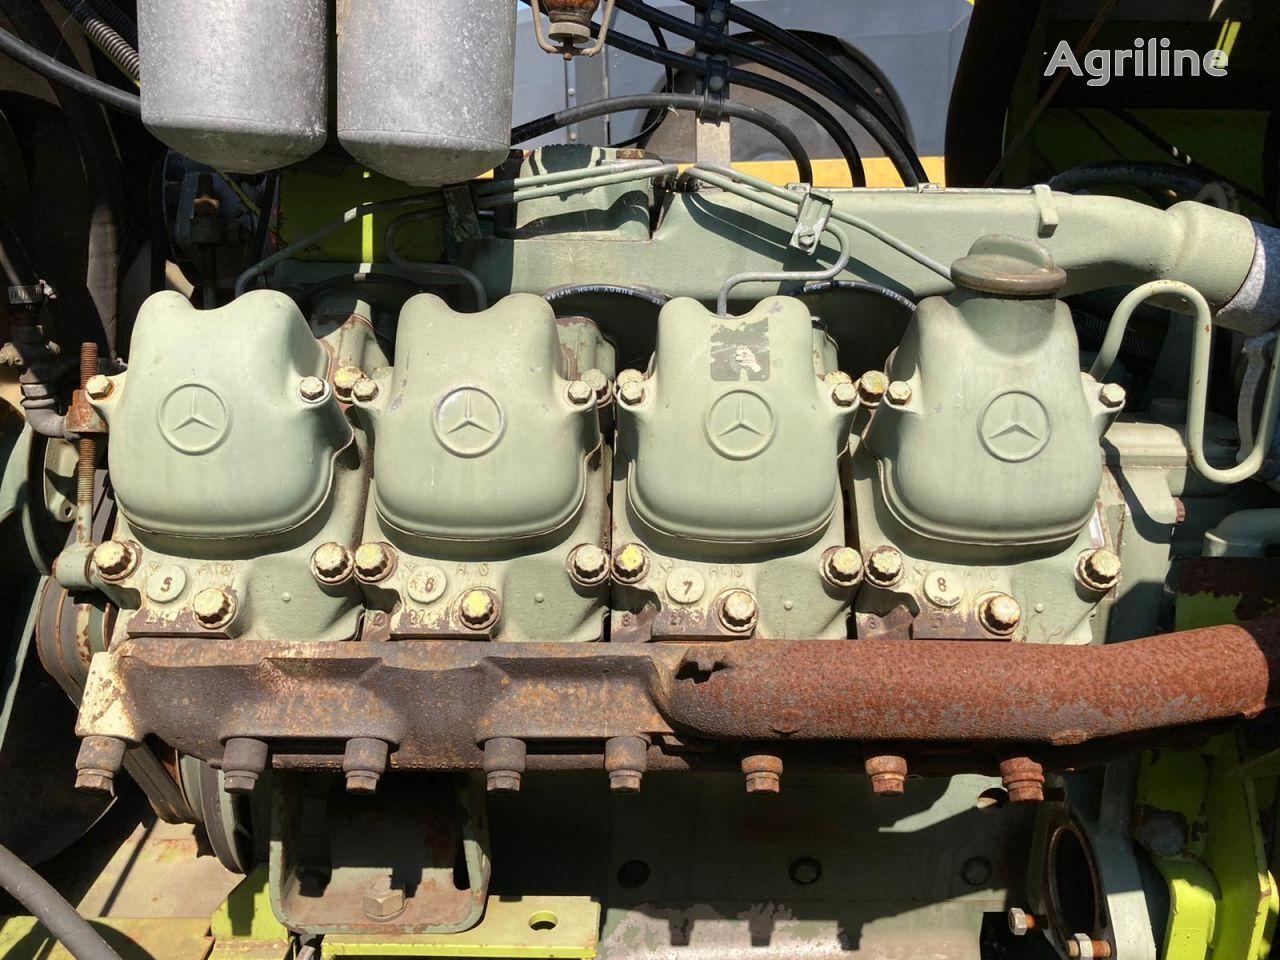 MERCEDES-BENZ V8 engine for MERCEDES-BENZ grain harvester